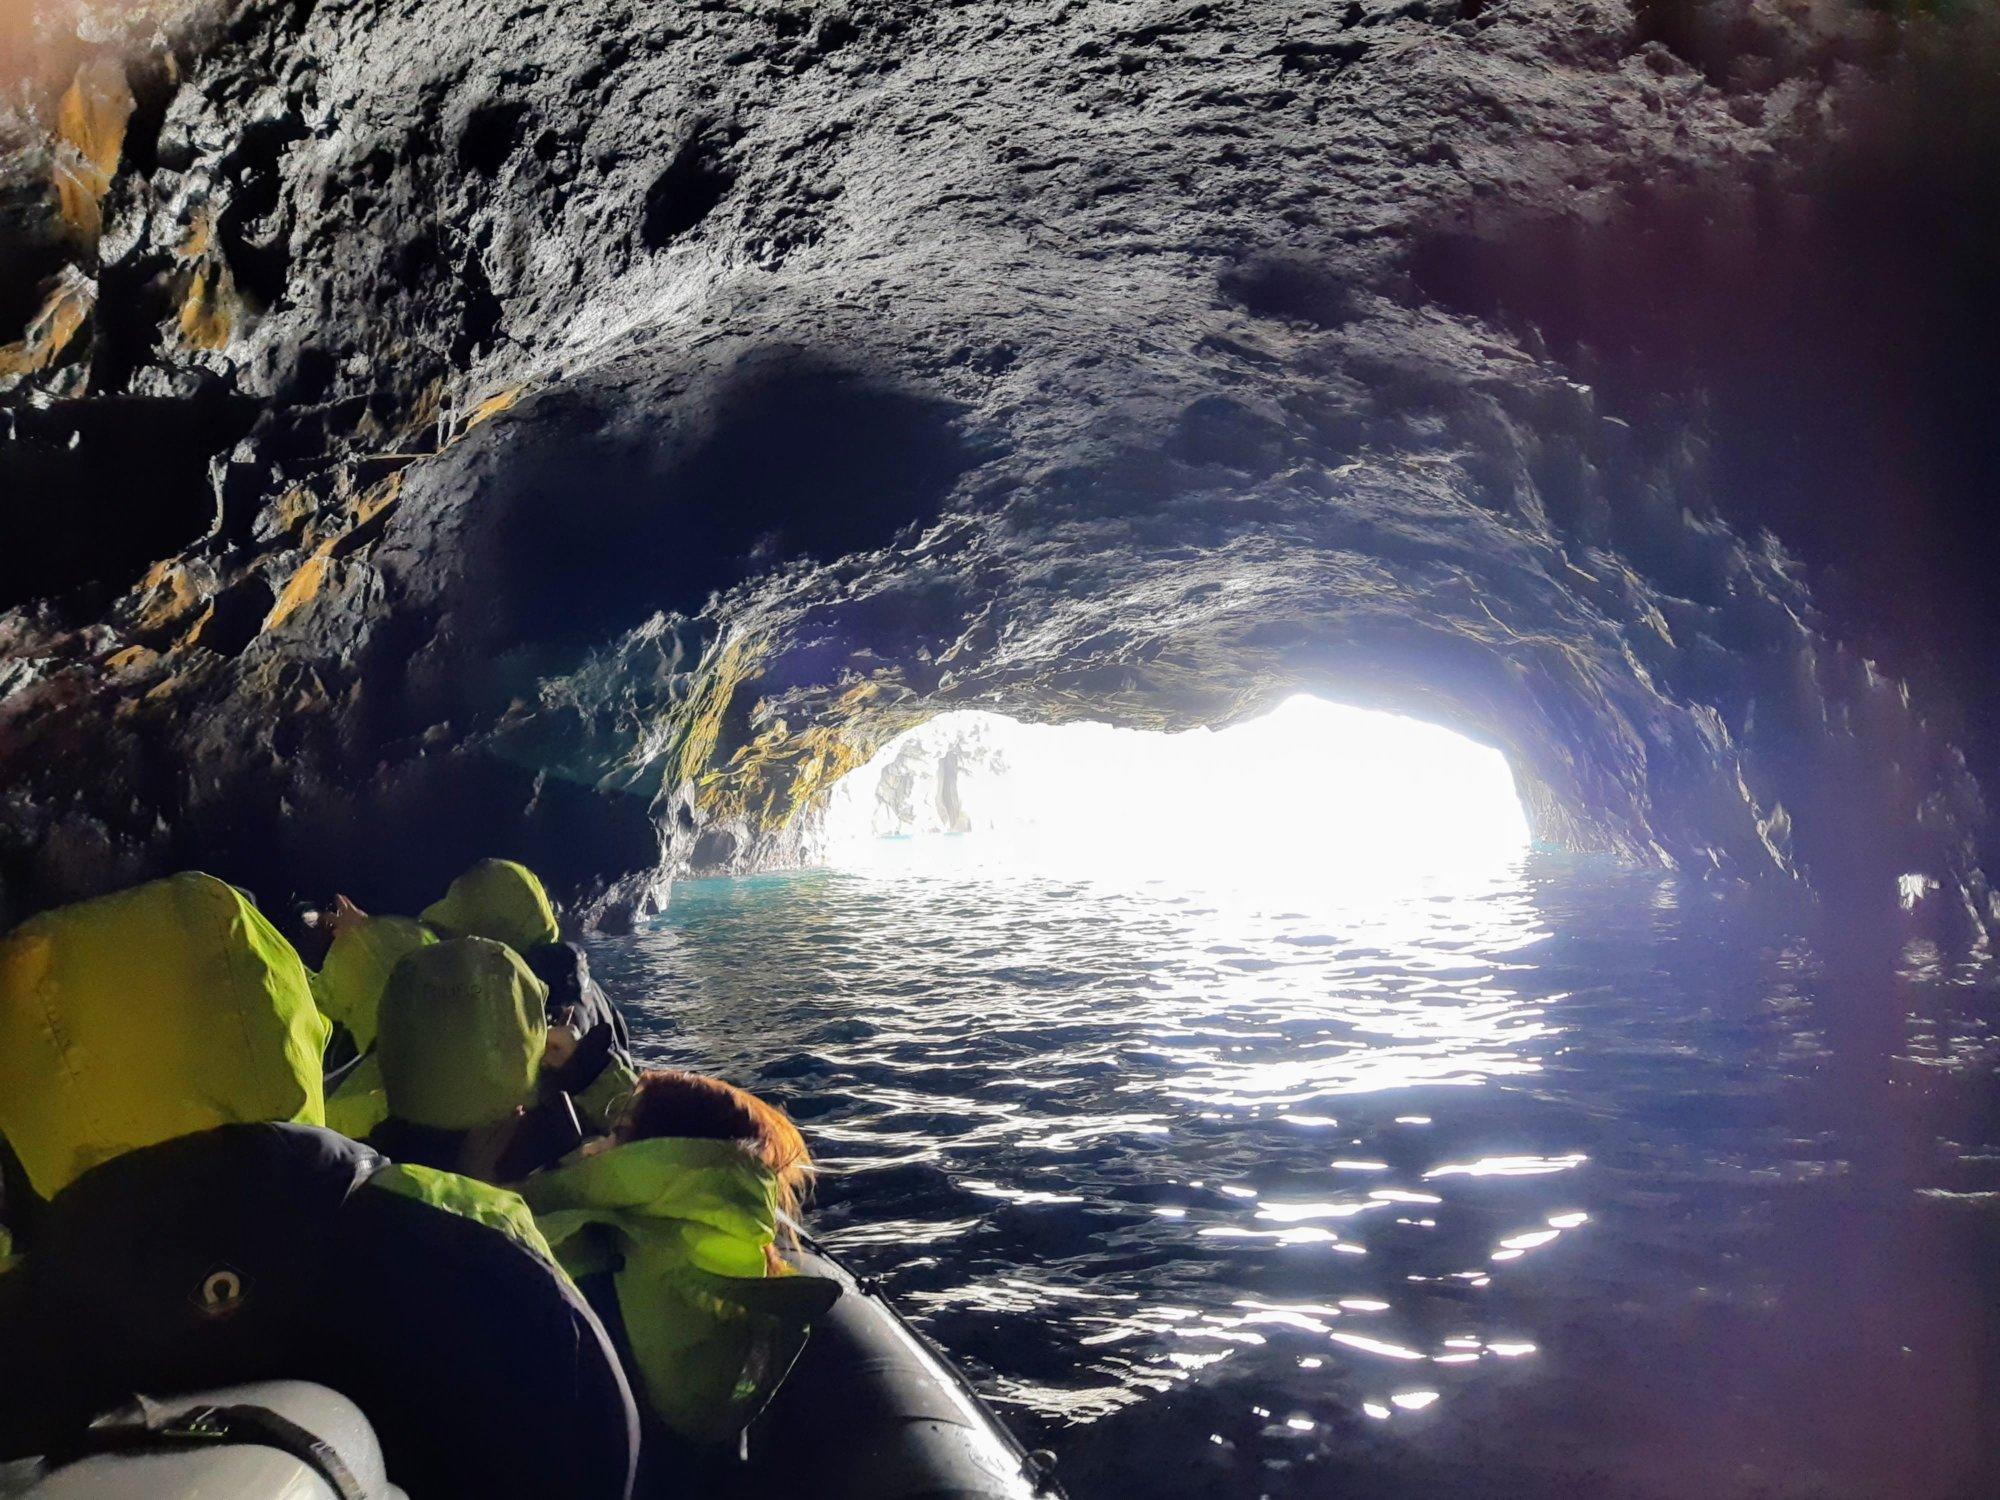 Ponton w morskiej jaskini na Wyspach Owczych